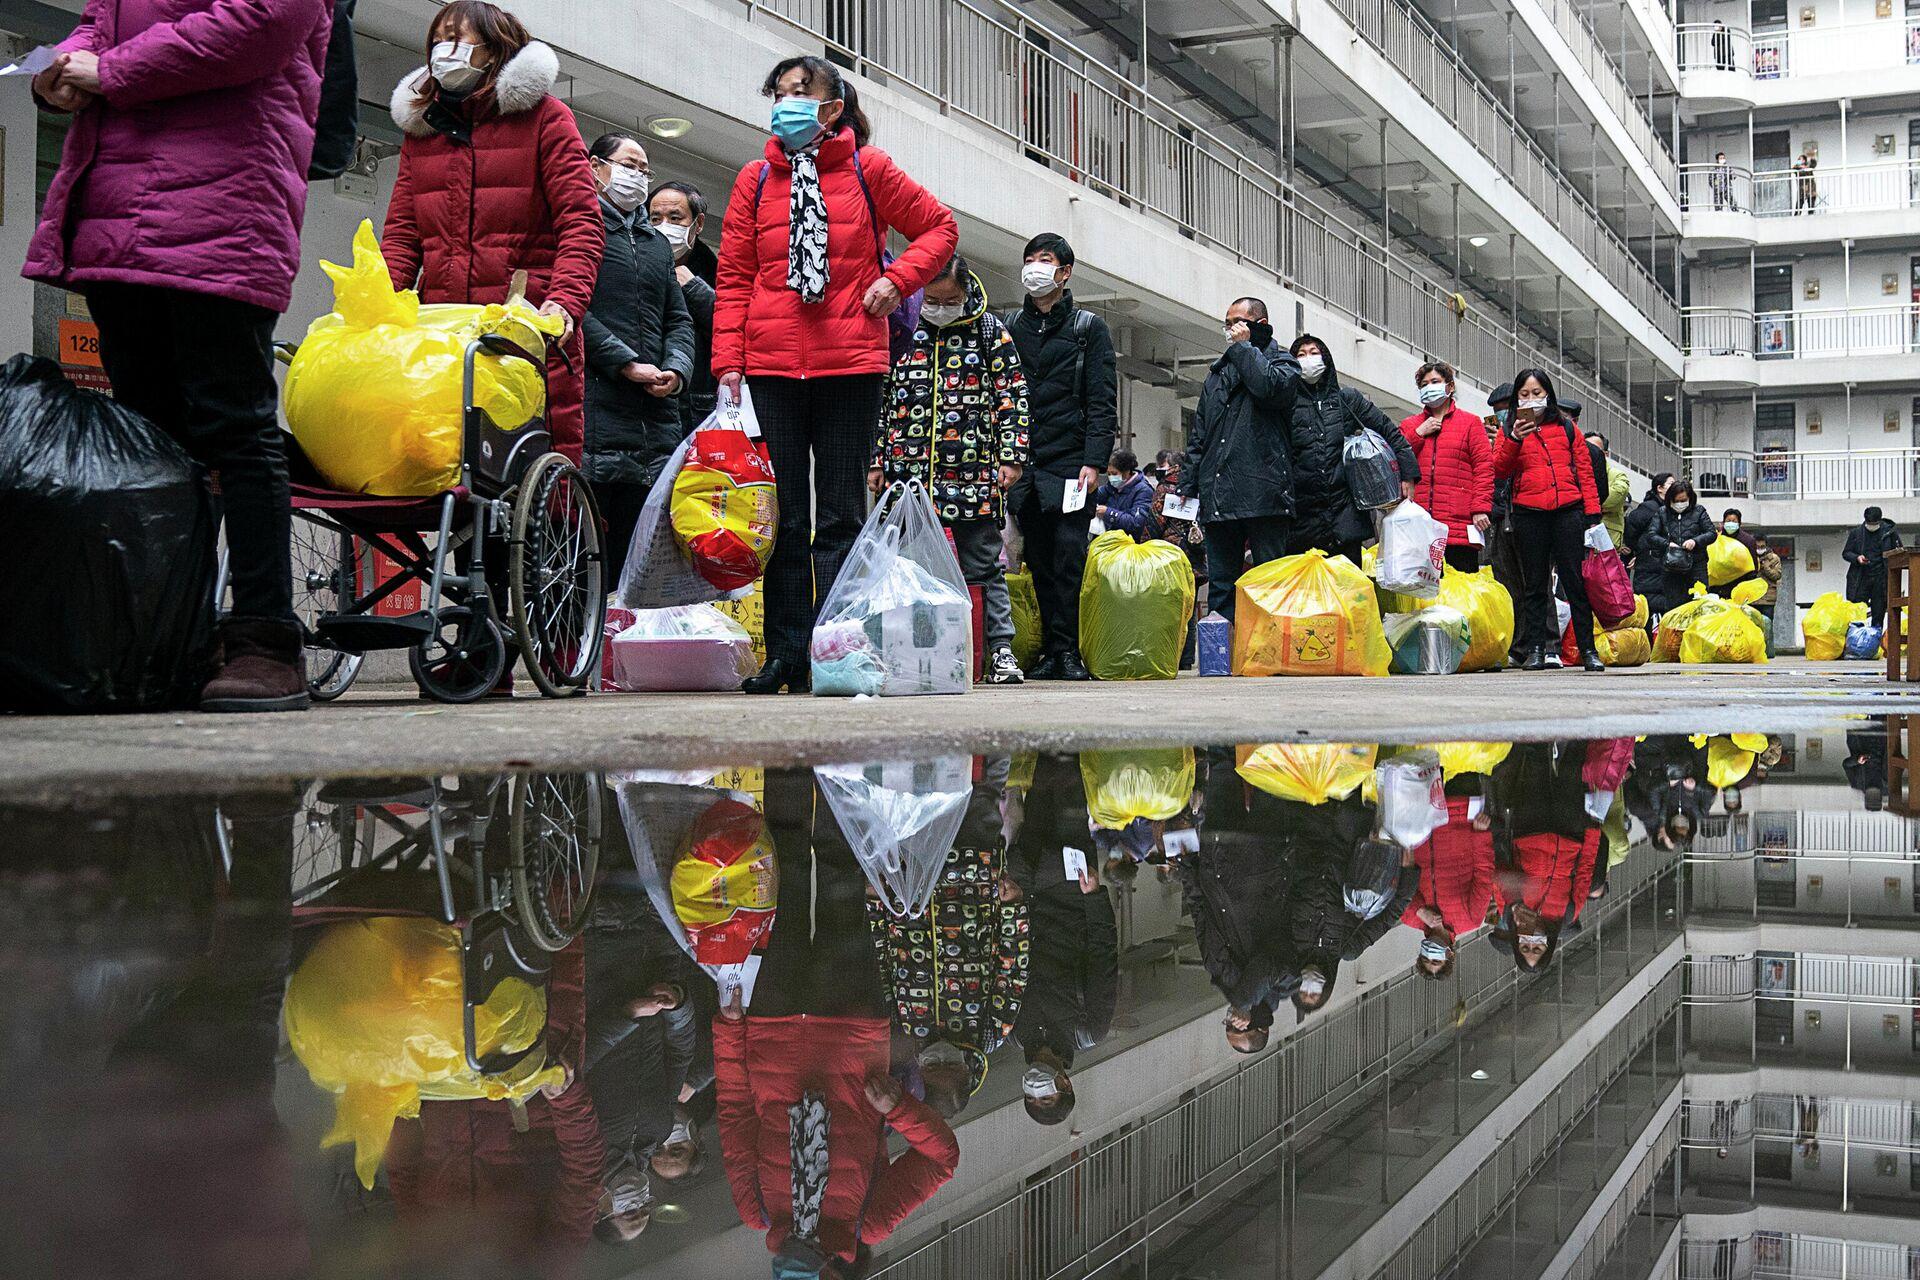 Люди, вылечившиеся от коронавируса, готовятся покинуть реабилитационный центр после 14-дневного карантина для медицинского наблюдения в Ухане - РИА Новости, 1920, 11.12.2020